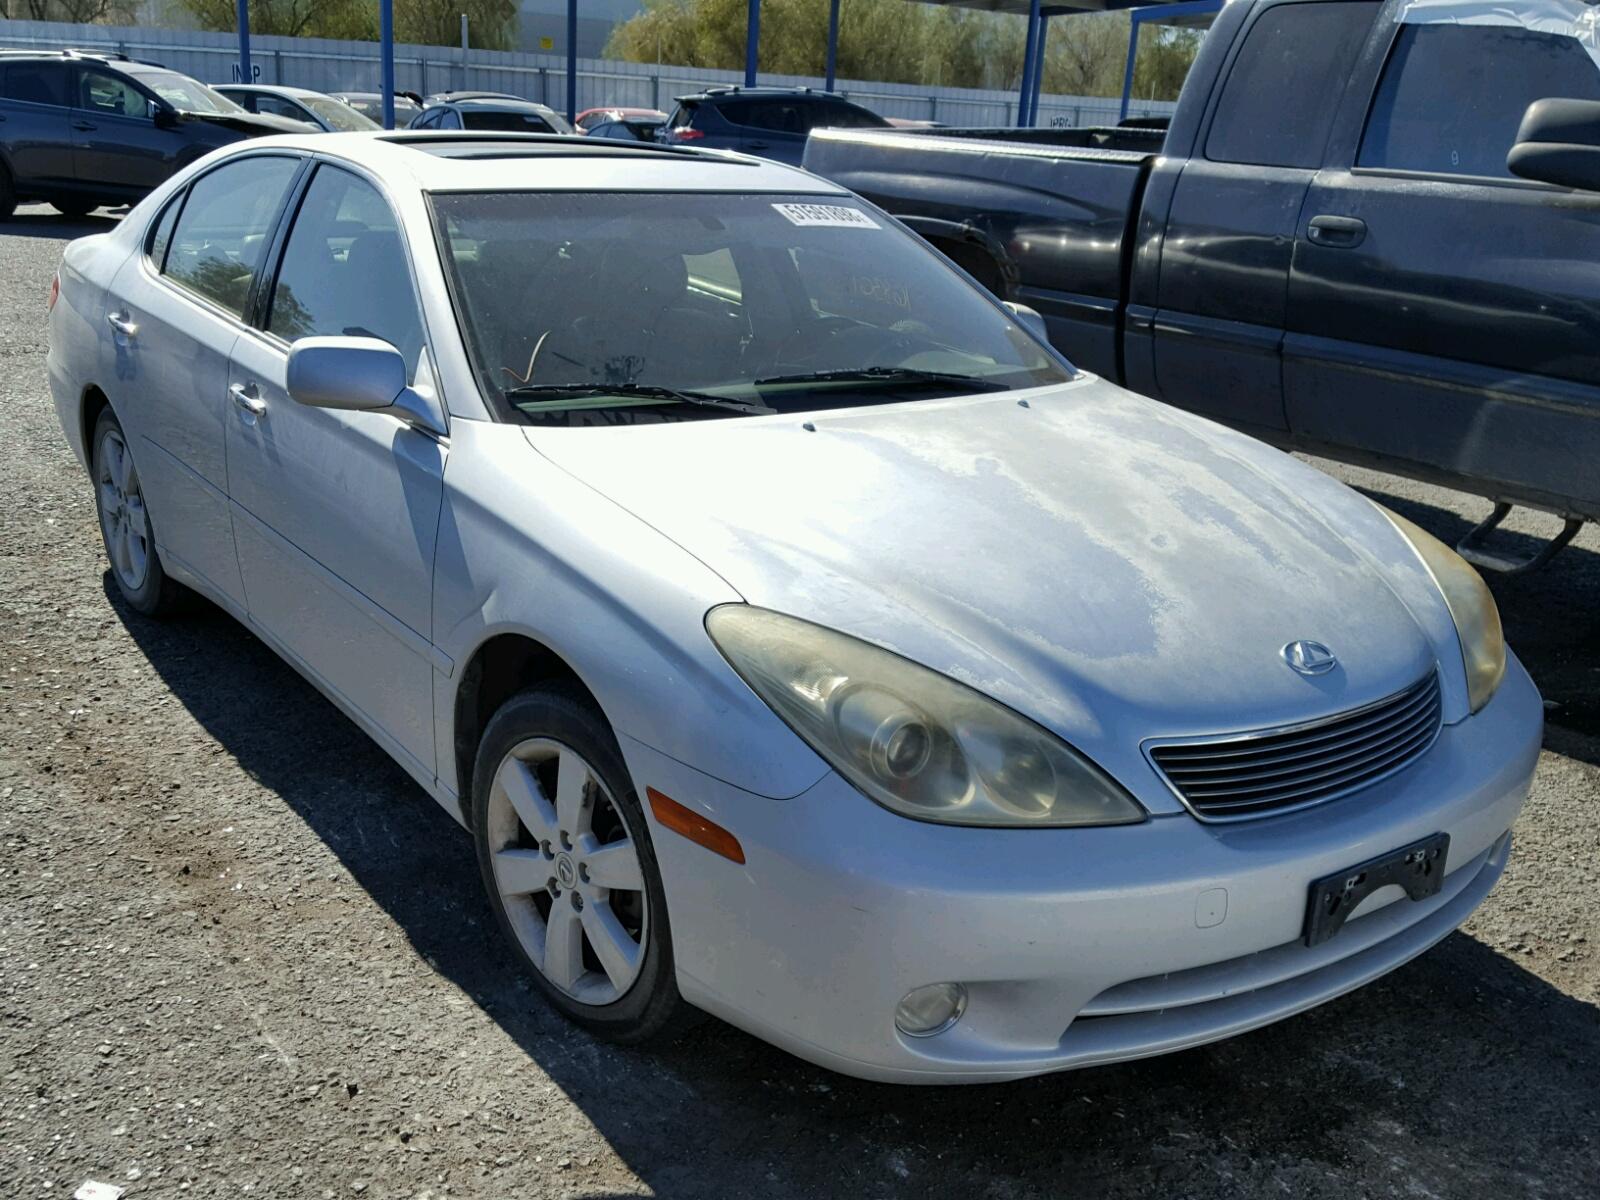 2005 Lexus Es 330 33l 6 In Nv Las Vegas Jthba30g255076283 For Blue Colors Left View